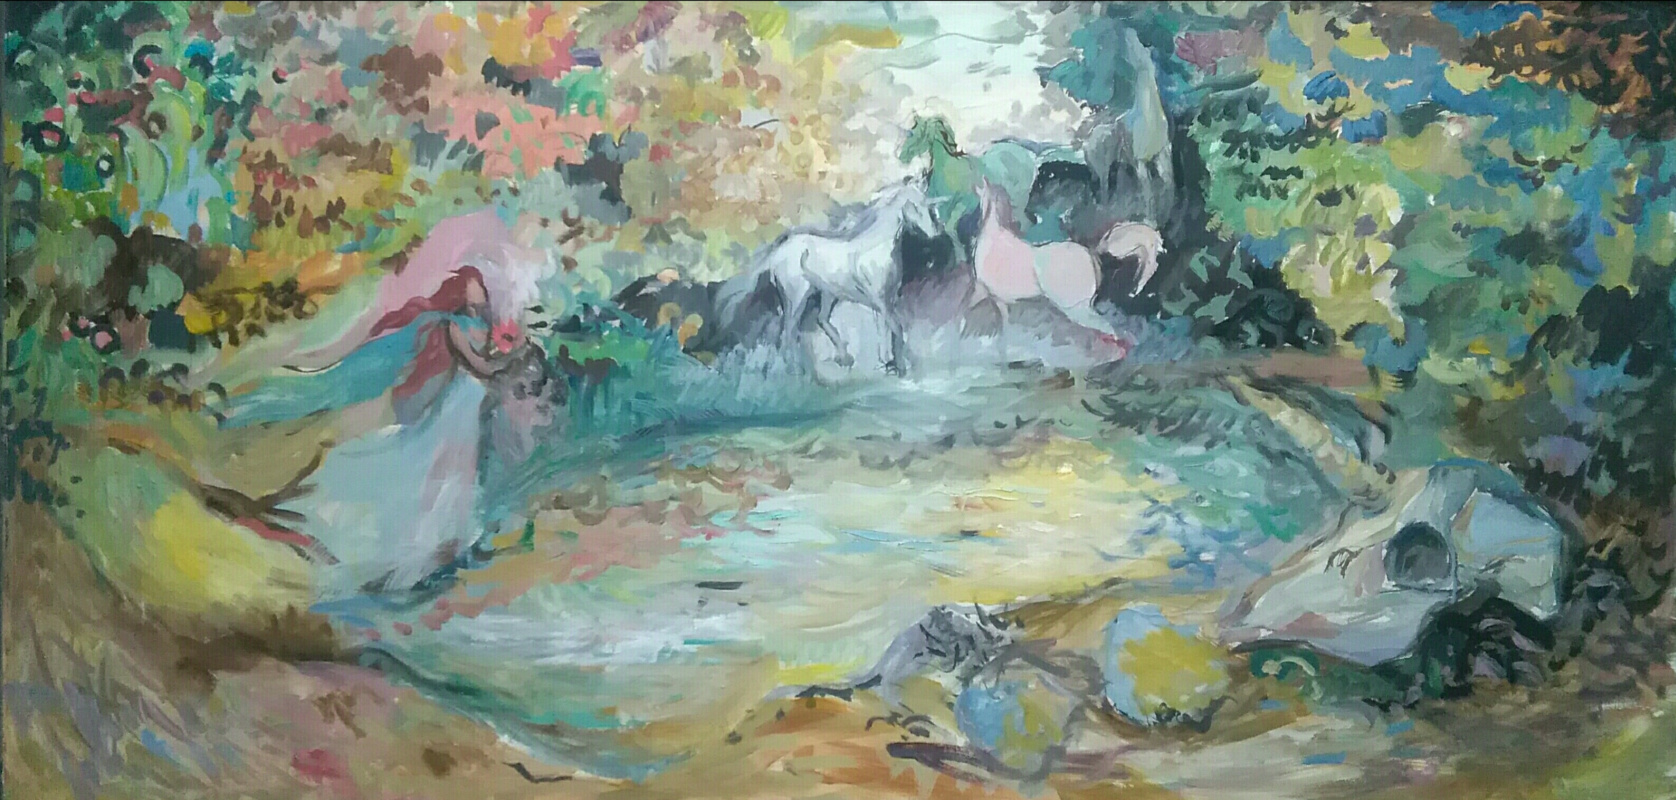 Elena Anatolyevna Seyfi. Wonderland